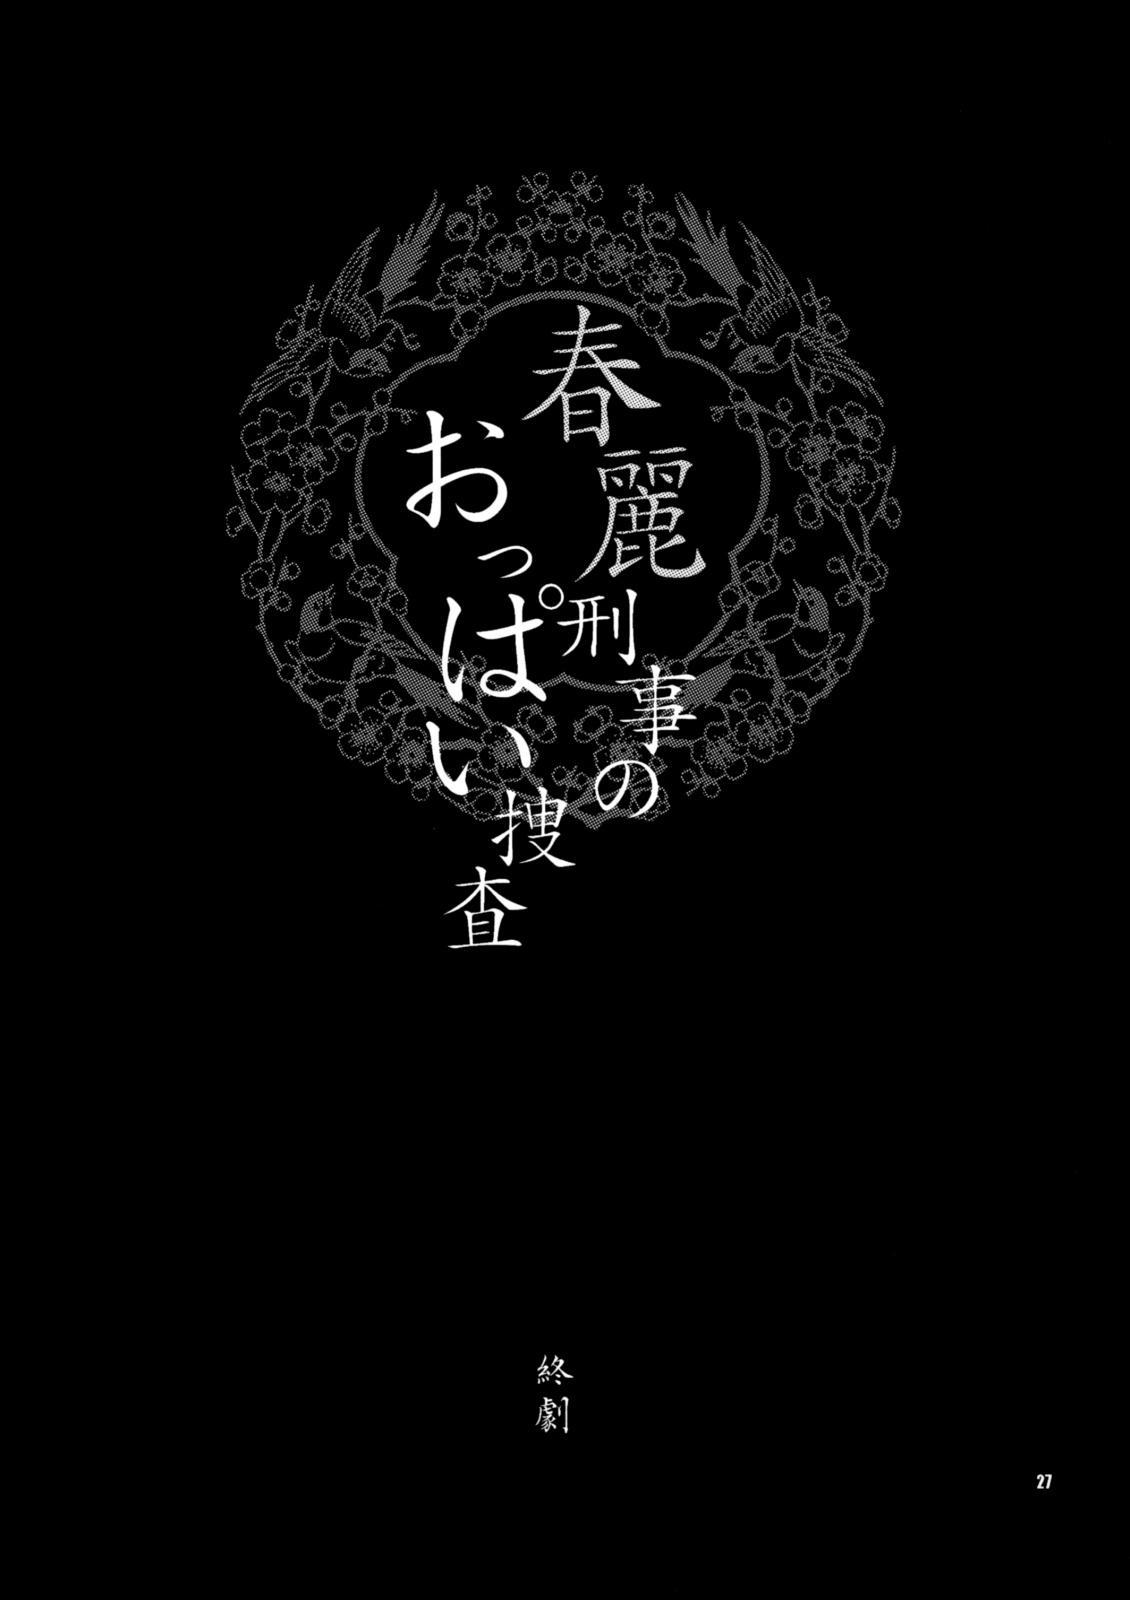 (C75) [Shallot Coco (Yukiyanagi)] Yukiyanagi no Hon 18 Chun-Li Keiji no Oppai Sousa | Detective Chun-Li's Boobie Investigation (Street Fighter) [English] [Hentai from Hell] 25